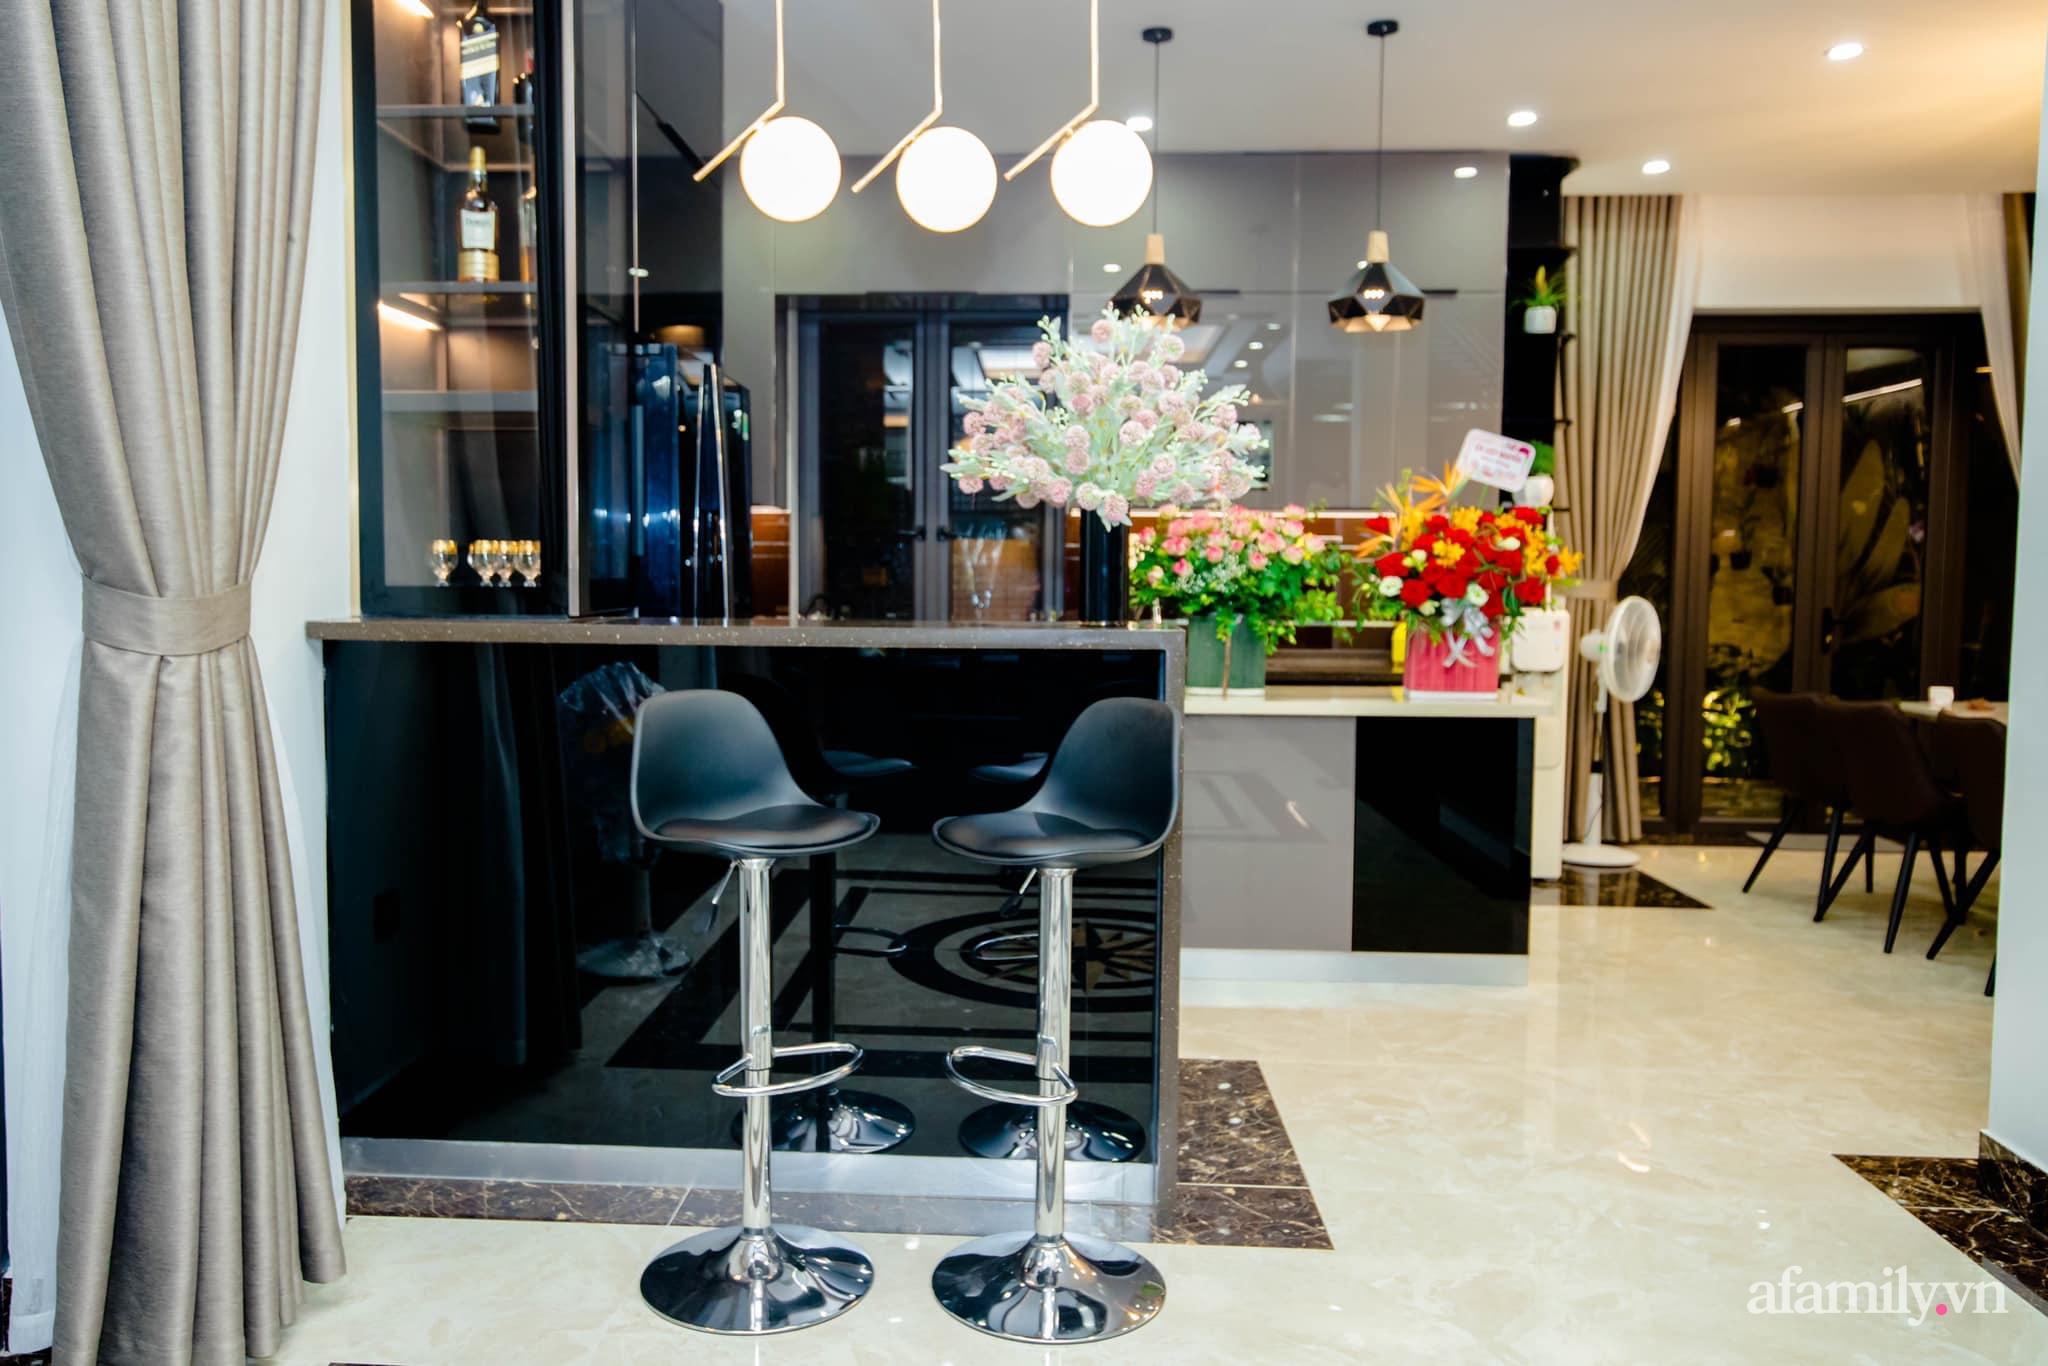 Bóc giá căn bếp đẹp chanh sả được đầu tư toàn đồ xịn sò với tổng chi phí gần 200 triệu đồng ở Hải Phòng - Ảnh 12.